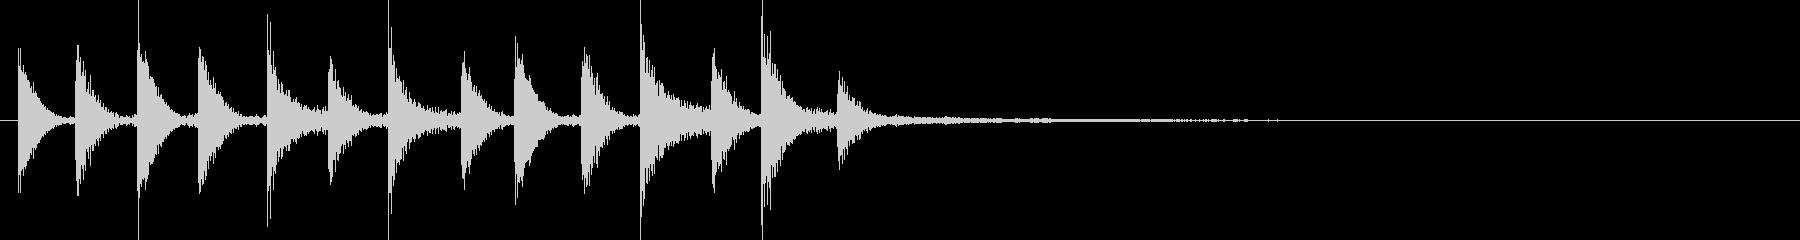 ドラム/ティンバレス フィルイン 5の未再生の波形